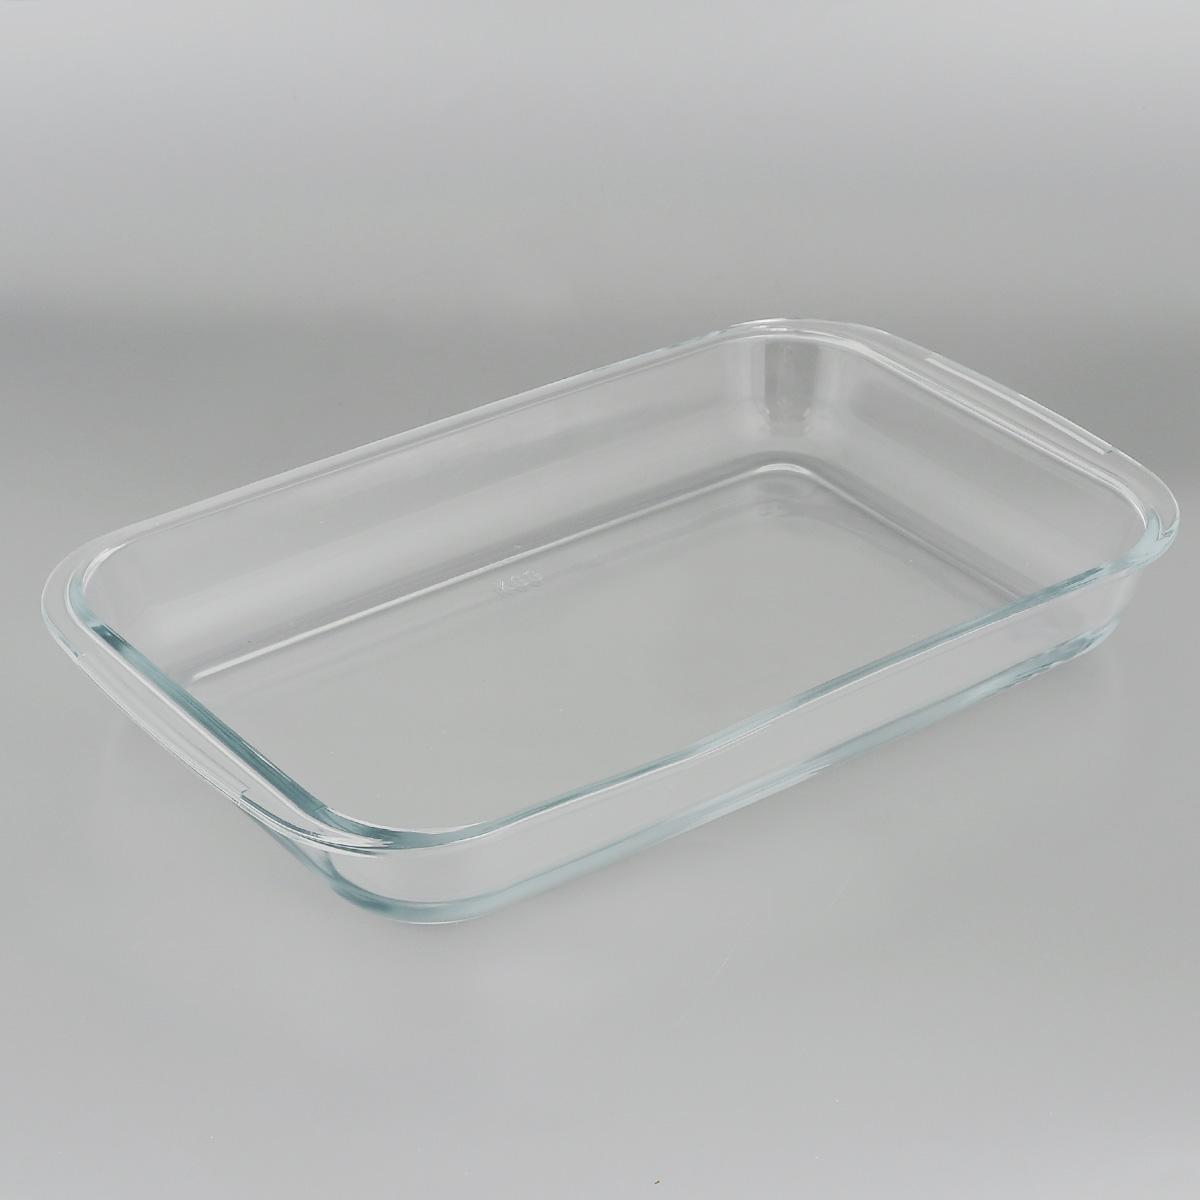 Форма для запекания Едим Дома, прямоугольная, 39 х 23 смPV4Прямоугольная форма для запекания Едим Дома изготовлена из жаропрочного стекла,которое выдерживает температуру до +450°С. Форма предназначена дляприготовления горячих блюд. Оснащена двумя ручками. Материал изделия гигиеничен, прост в уходе и обладает высокой степенью прочности.Форма идеально подходит для использования в духовках, микроволновых печах,холодильниках и морозильных камерах. Также ее можно использовать на газовыхплитах (на слабом огне) и на электроплитах. Можно мыть в посудомоечноймашине. Внутренний размер формы: 35 см х 23 см. Внешний размер формы (с учетом ручек): 39 см х 23 см.Высота стенки формы: 5 см.